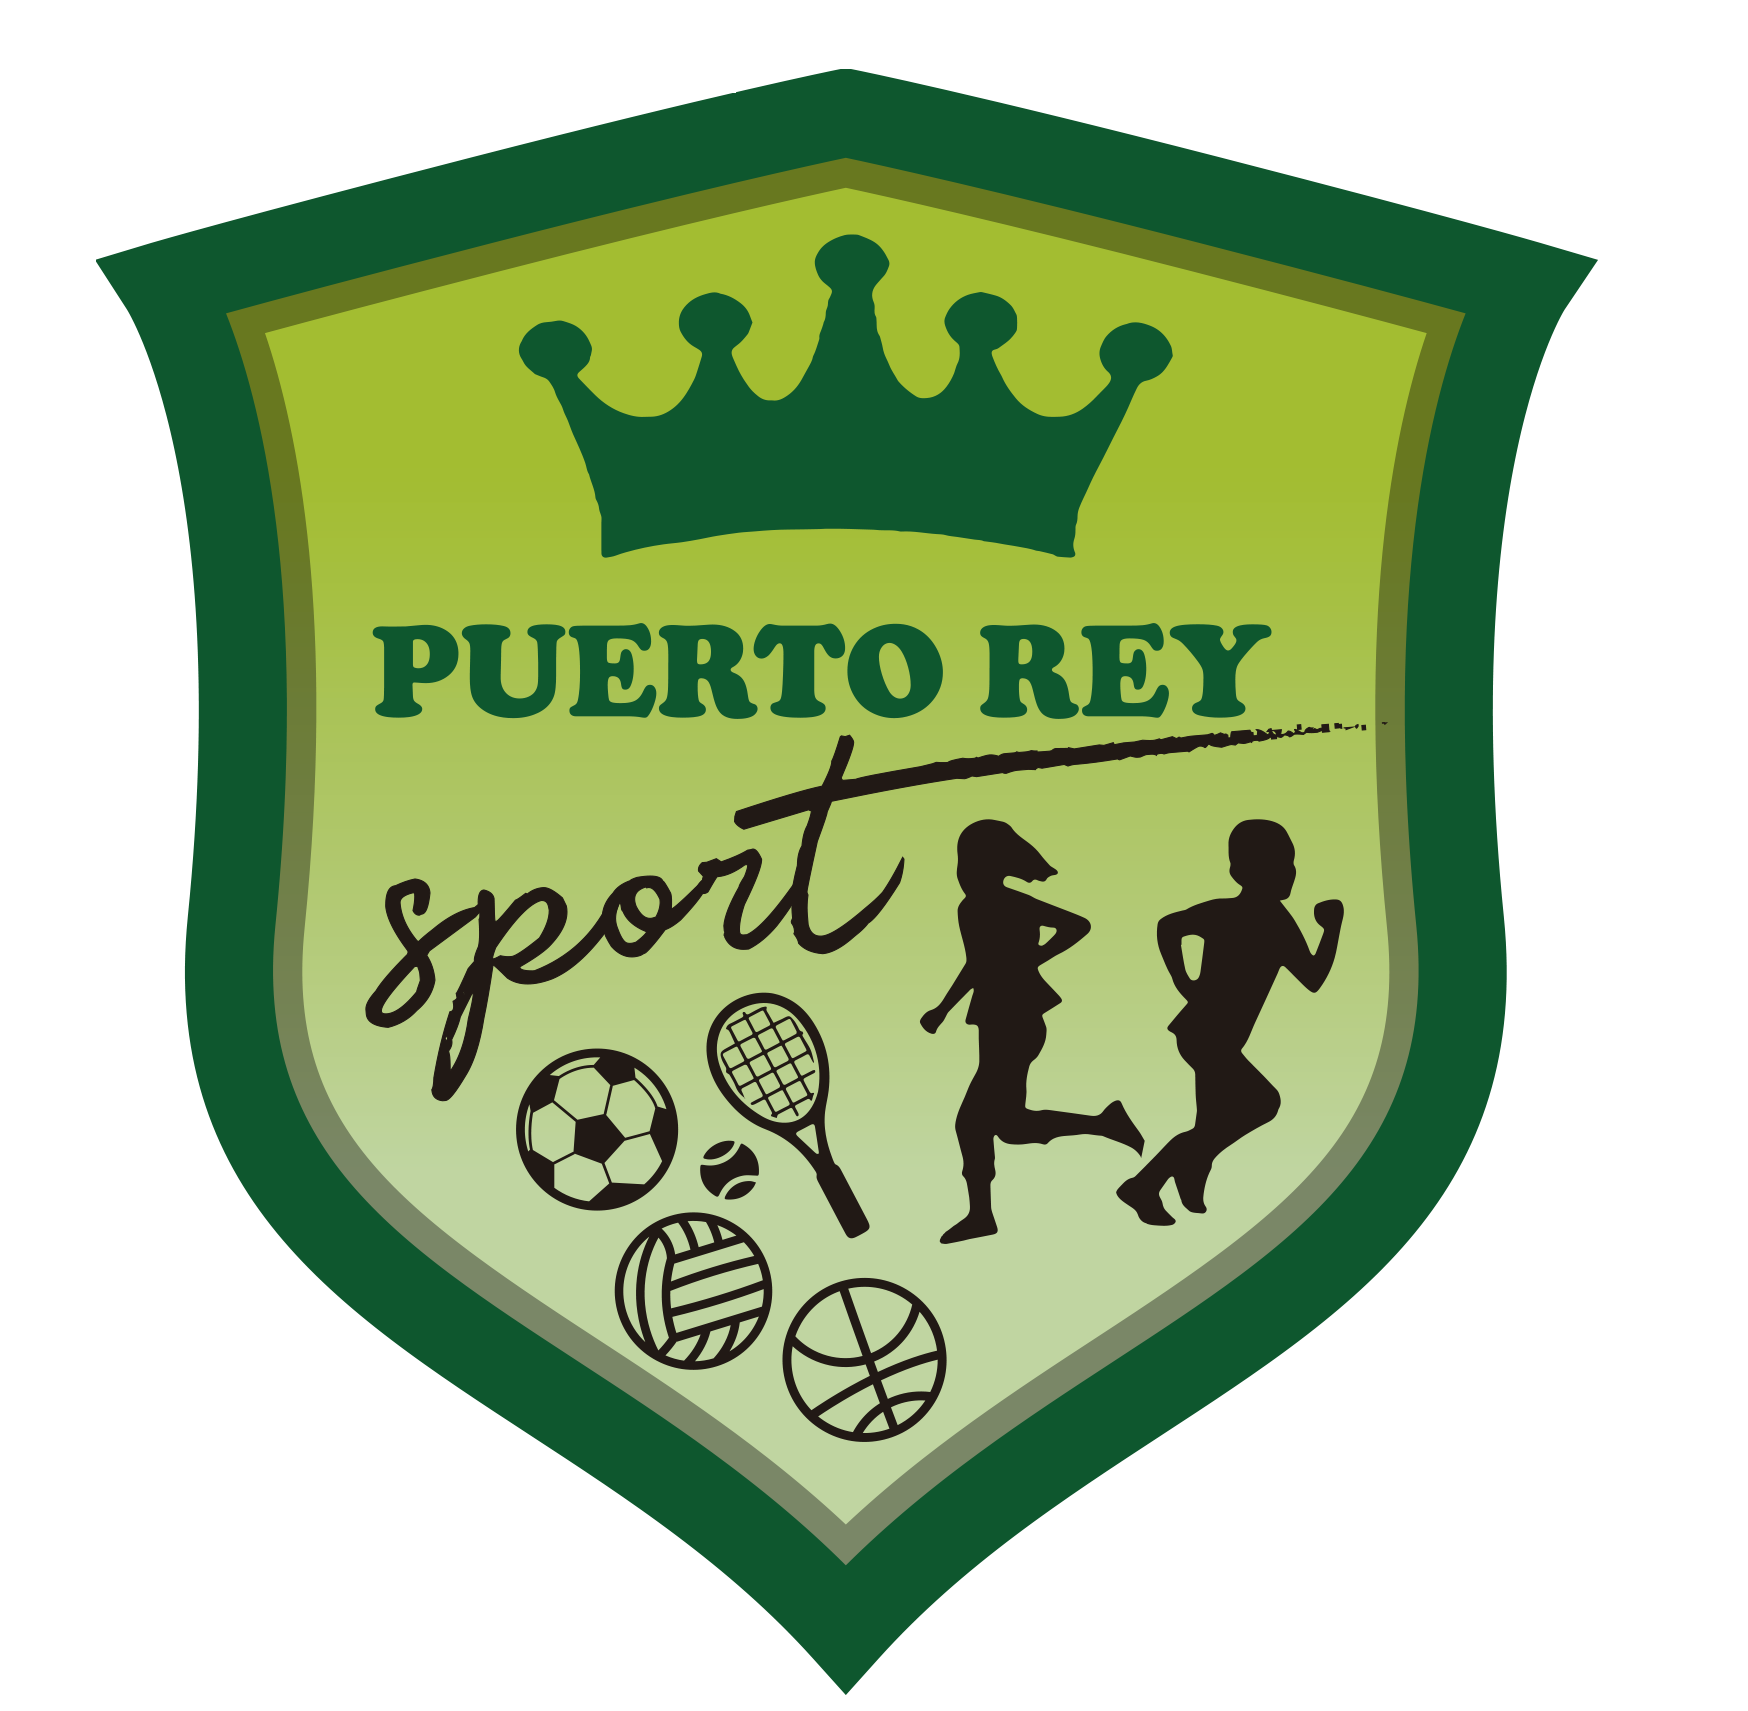 Sede Puerto Rey (Vera)